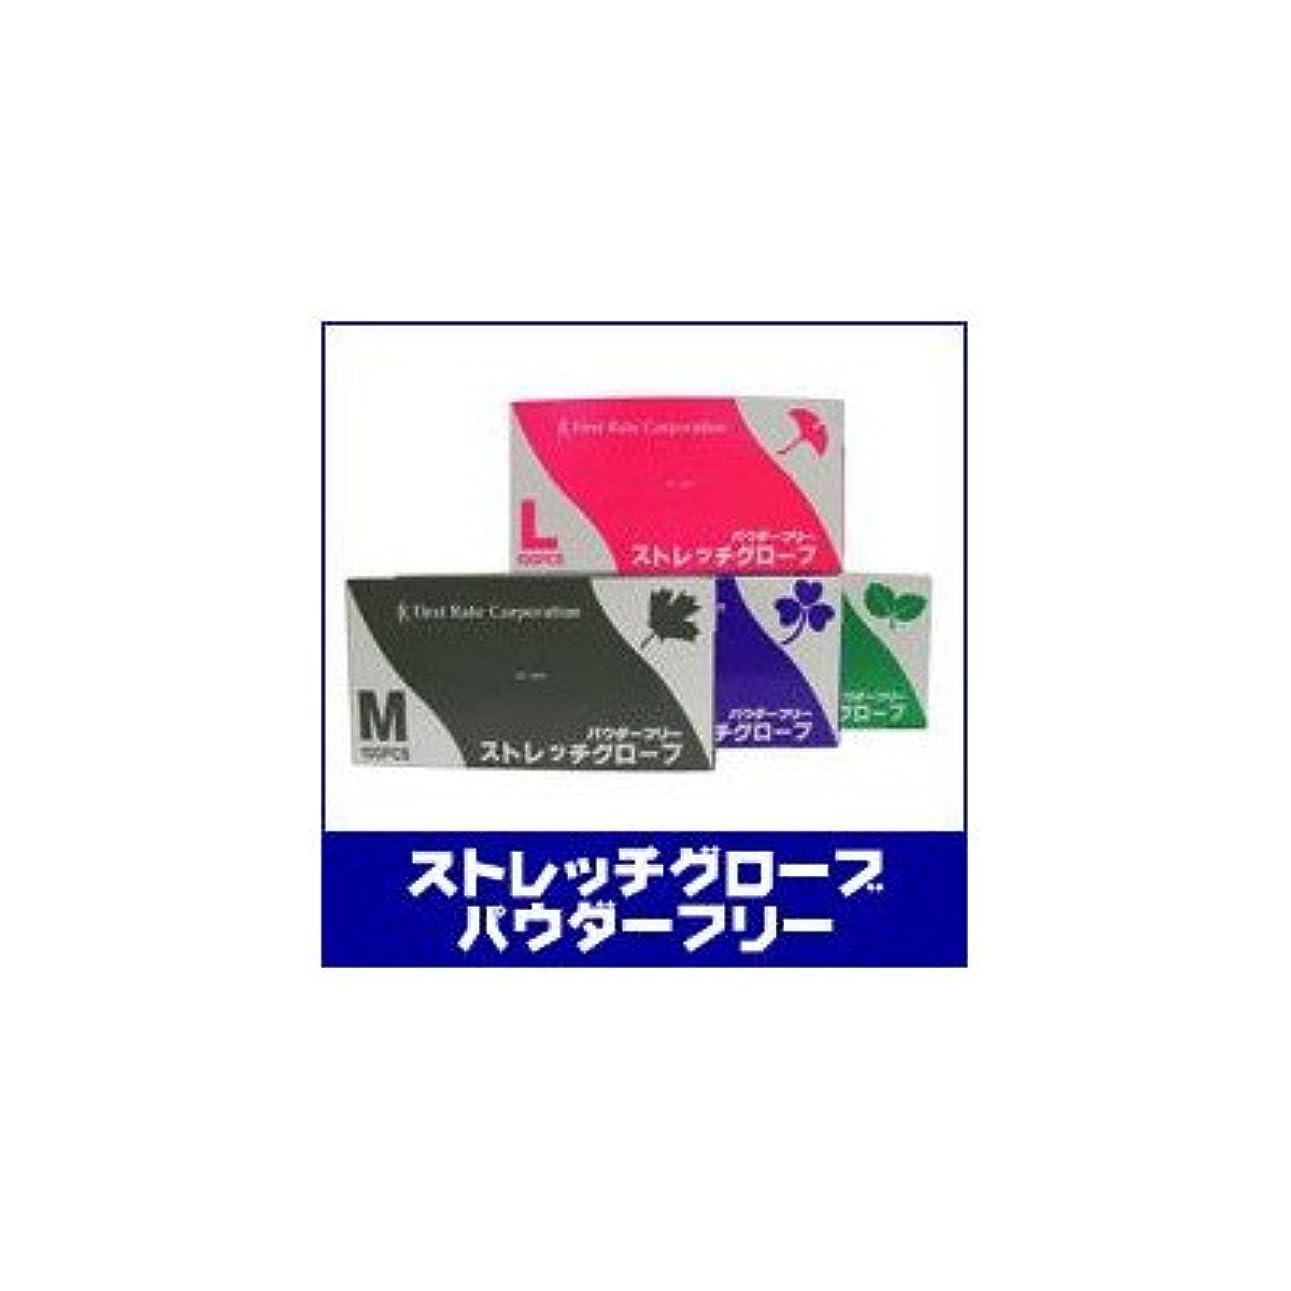 着陸ナチュラル追放するストレッチグローブ(パウダー無)10箱-ケース Mサイズ